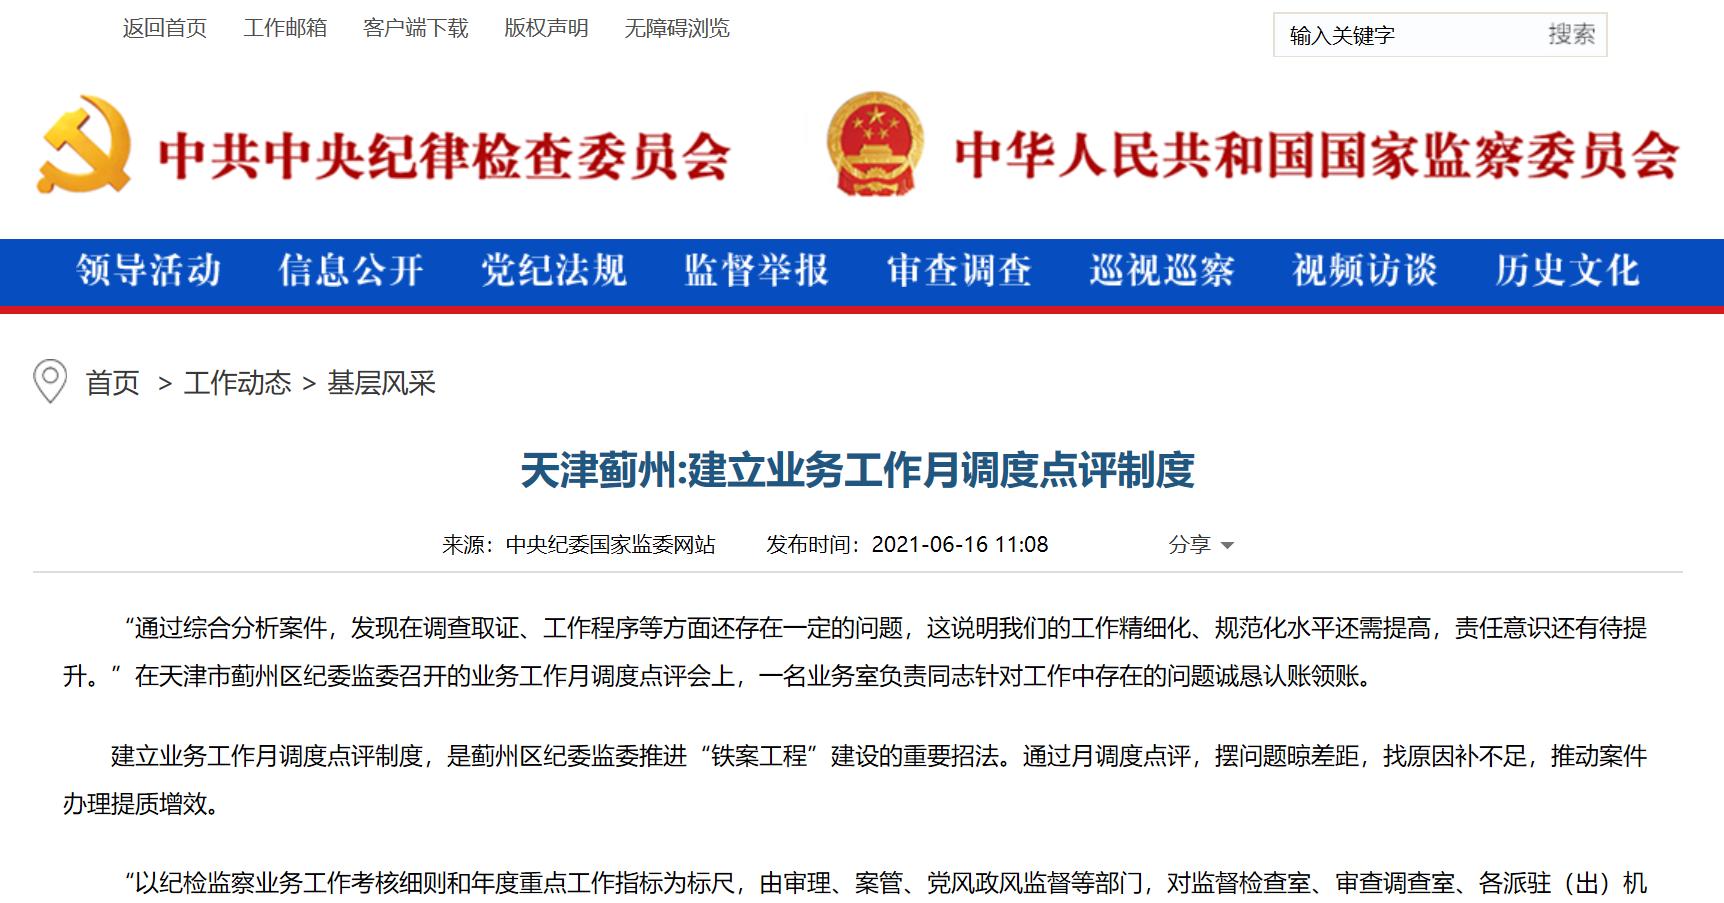 天津蓟州:建立业务工作月调度点评制度